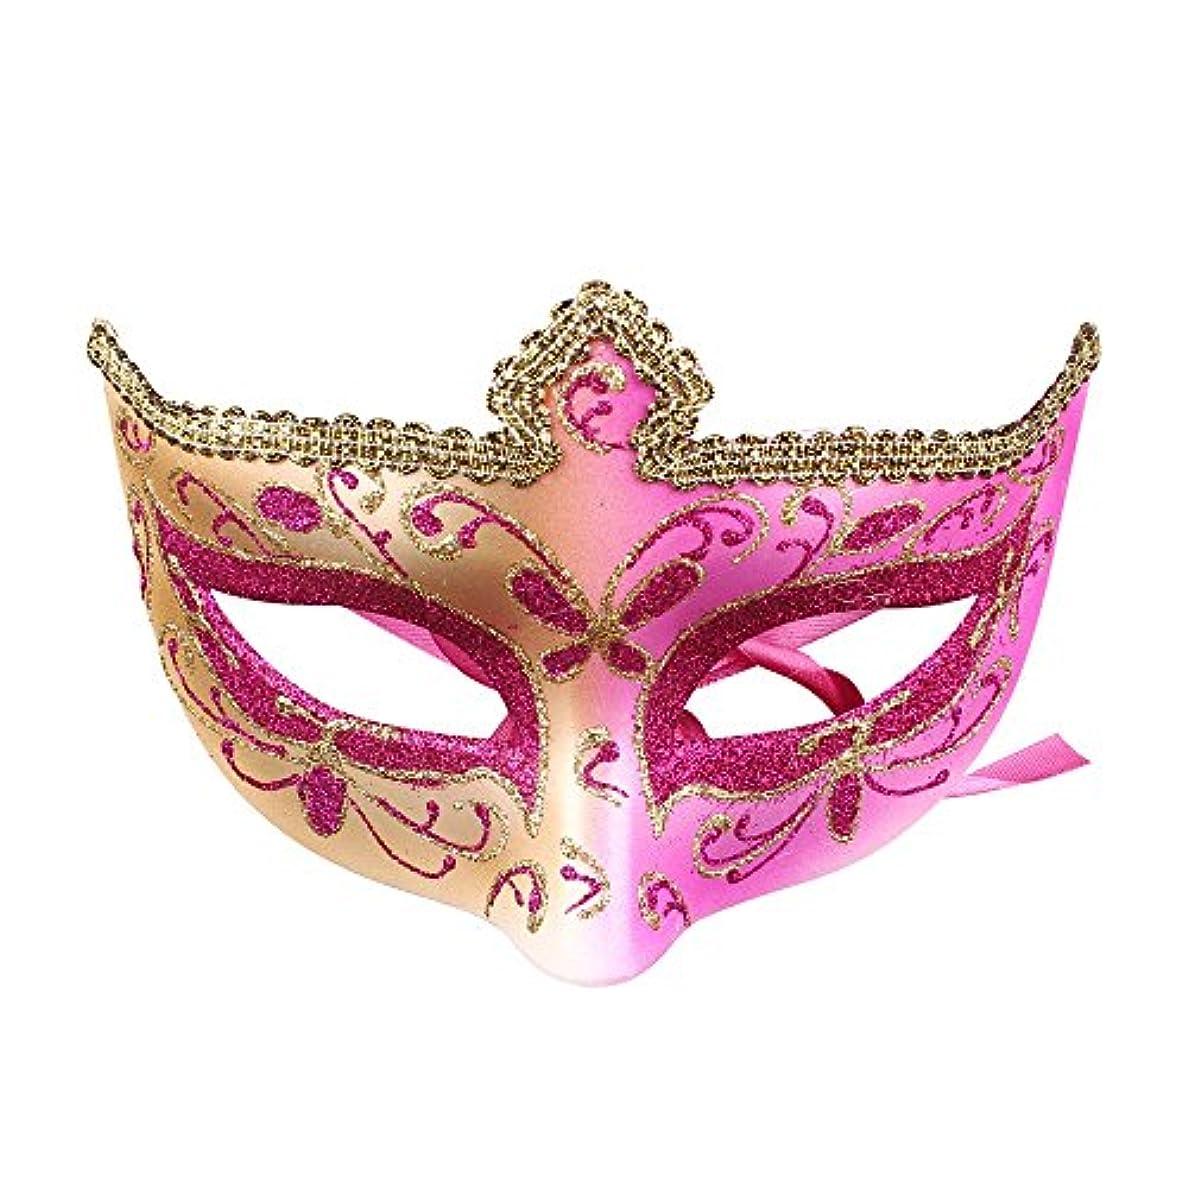 オフ鉱石サワークリエイティブ仮面舞??踏会レースマスク美容ハーフフェイス女性身に着けているマスクハロウィーン祭りパーティー用品 (Color : WHITE)